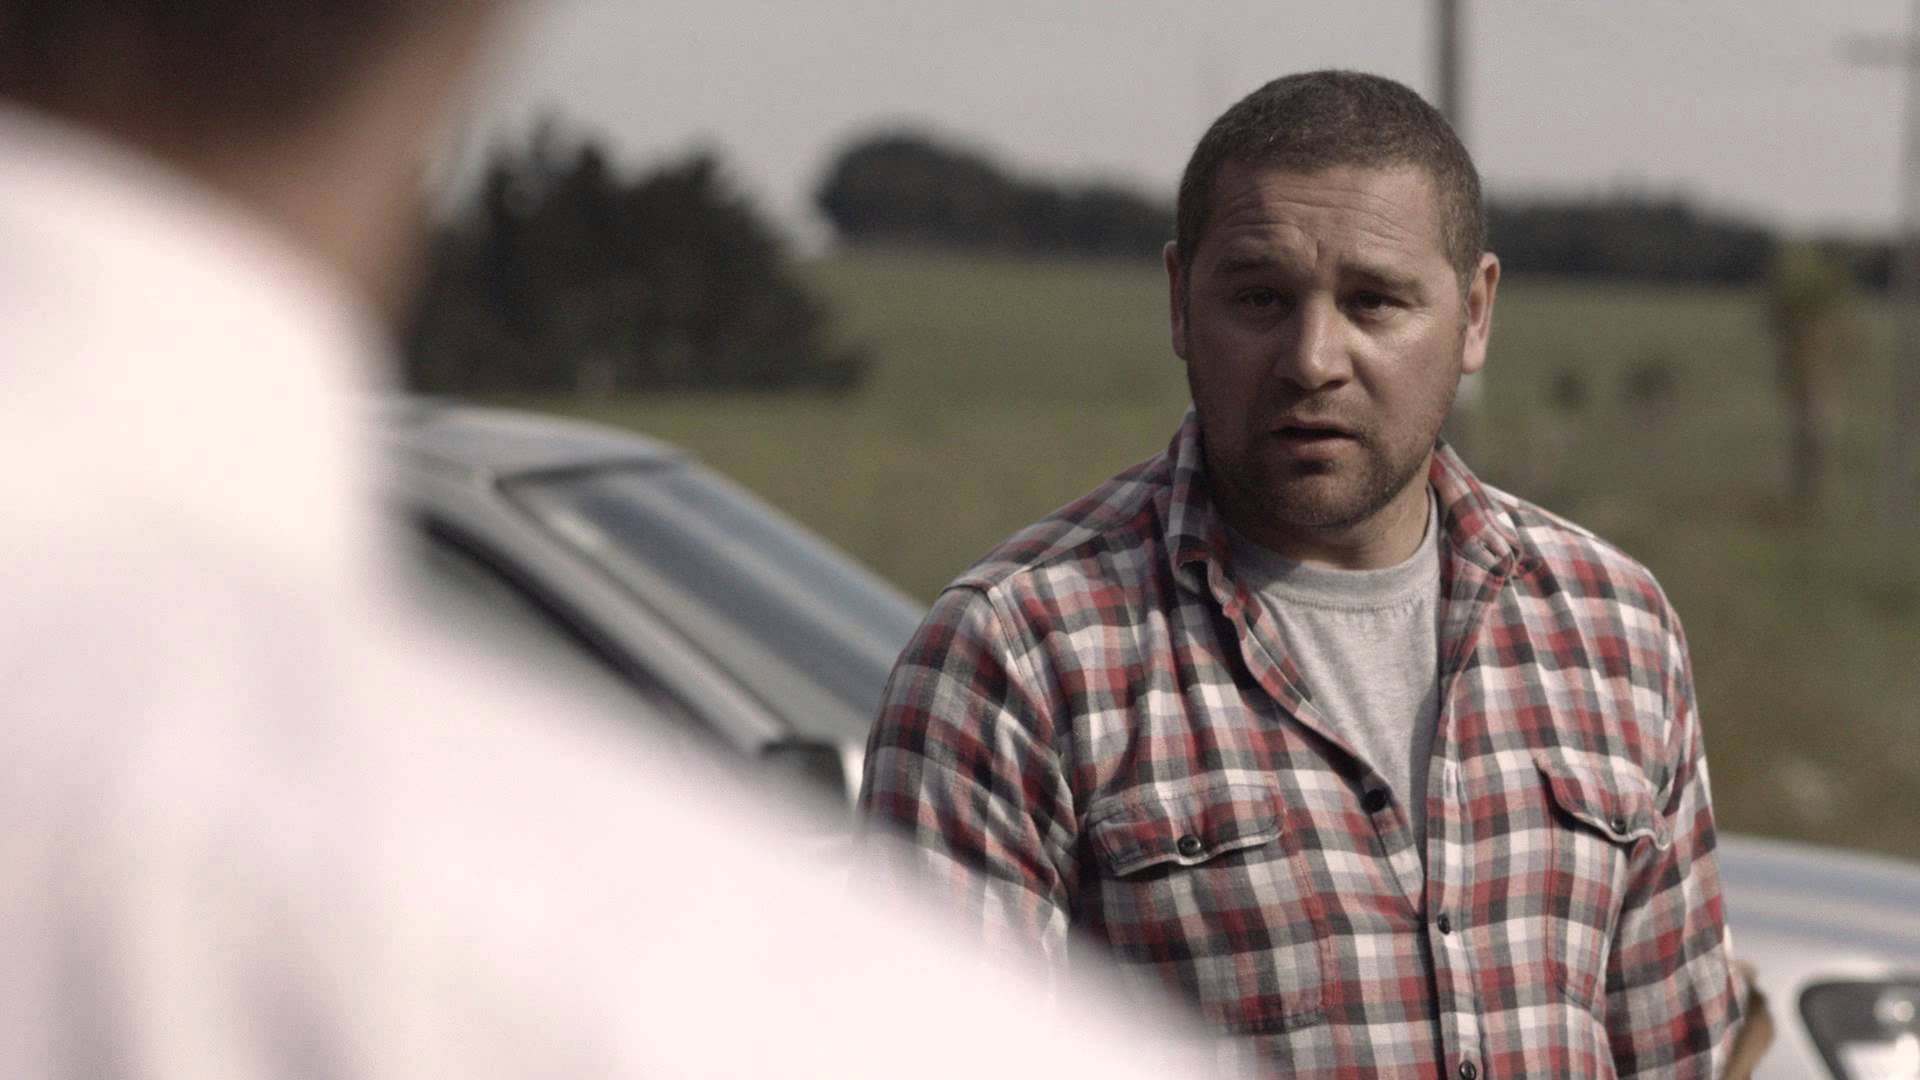 Segurança na estrada: Publicidade arrepiante da Nova Zelândia